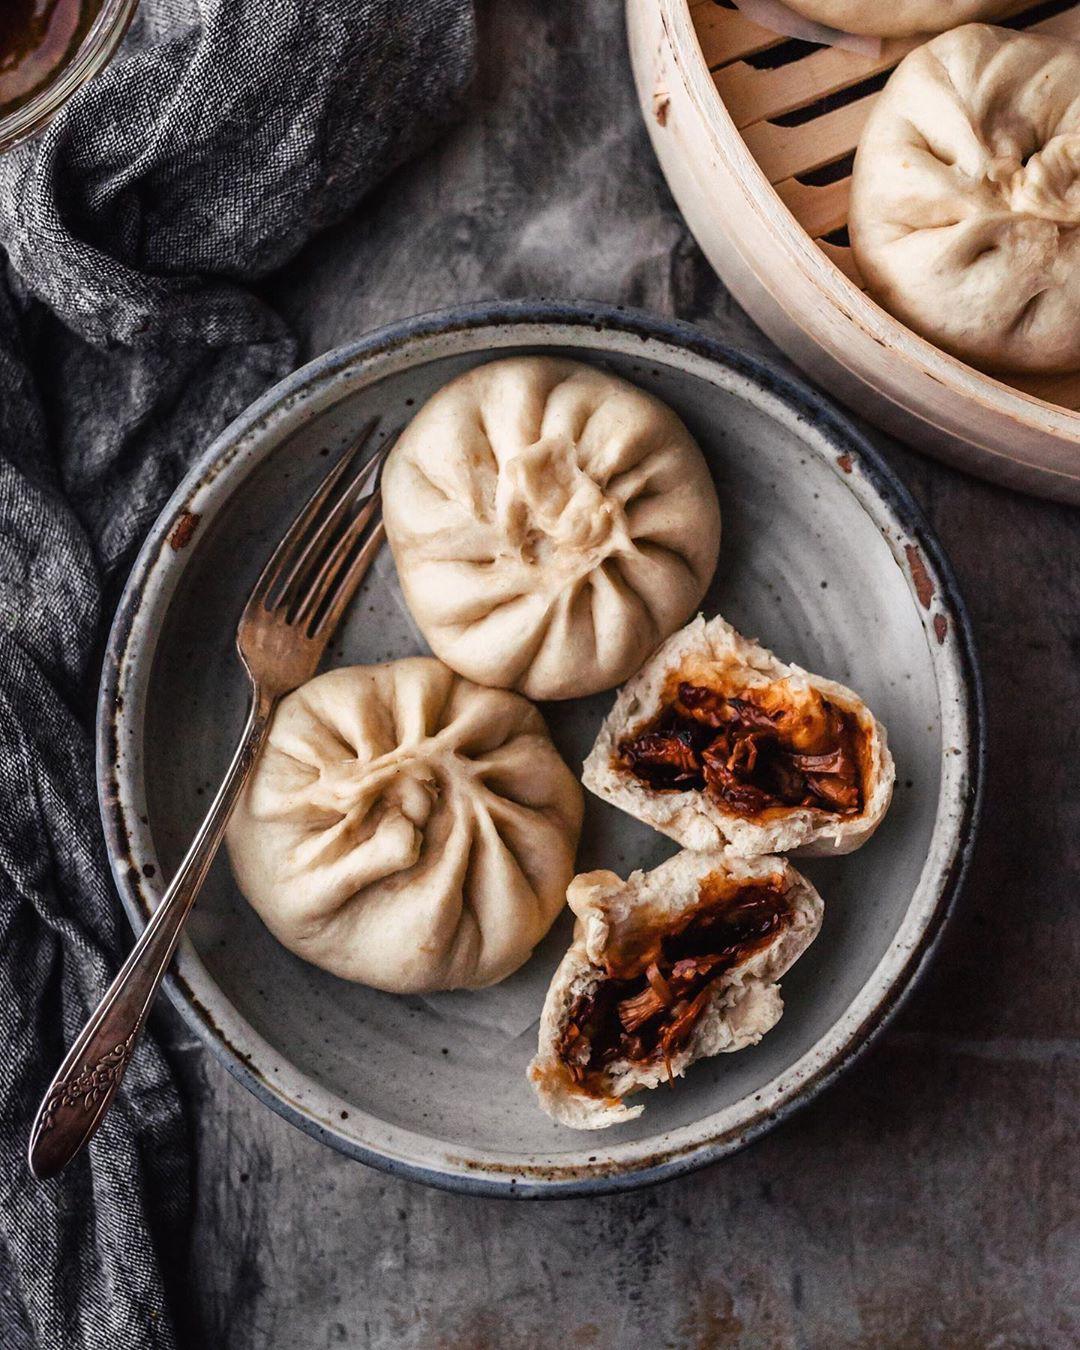 Nằm lòng 7 món ăn vặt siêu hấp dẫn cho team du lịch quét sập Hong Kong - Ảnh 10.